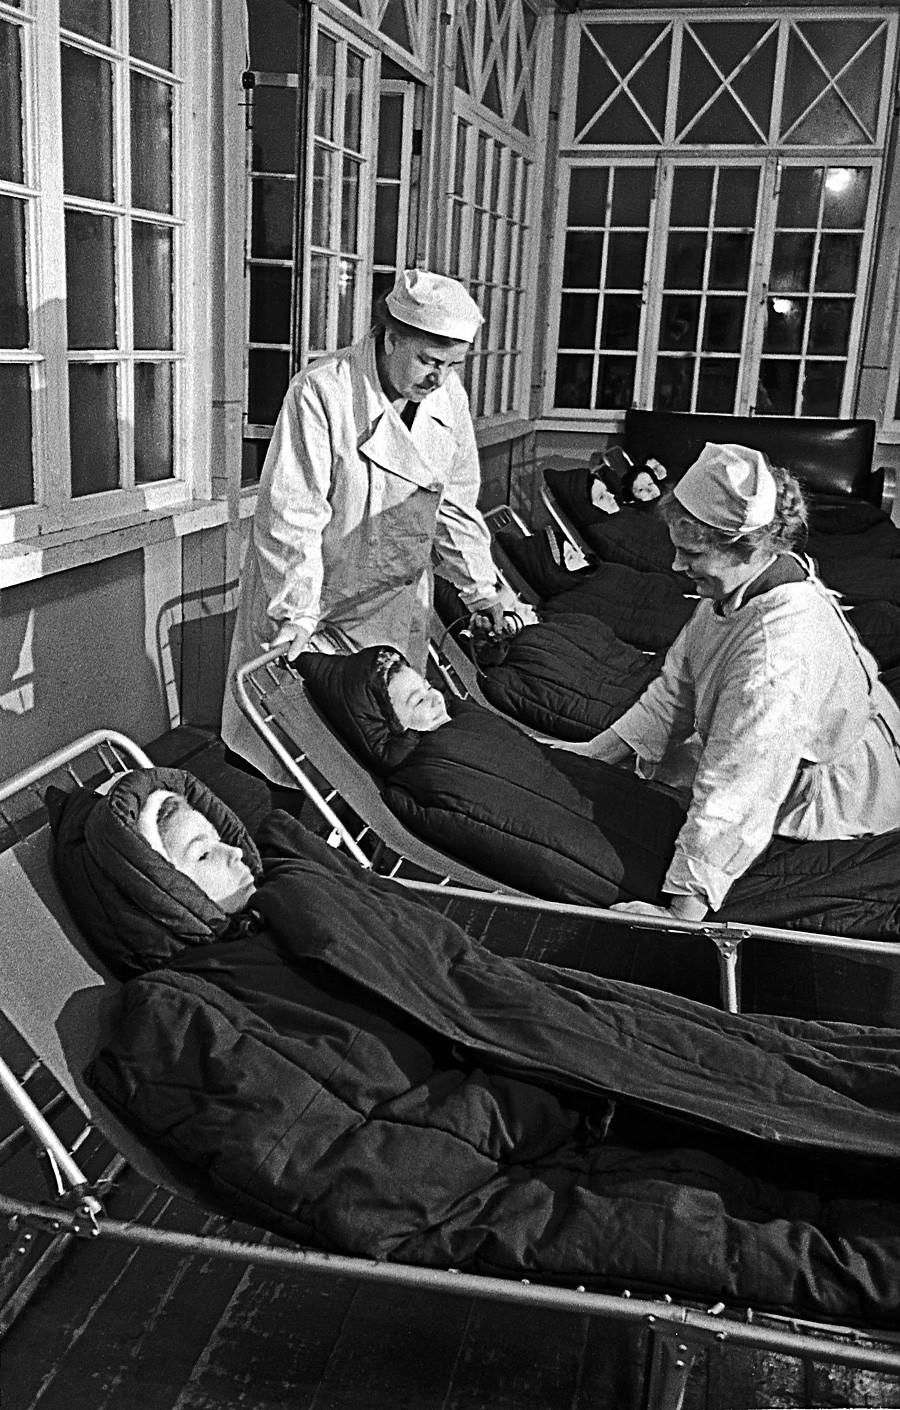 Деца в санаториум в Карелския провлак, СССР, 1959 г.